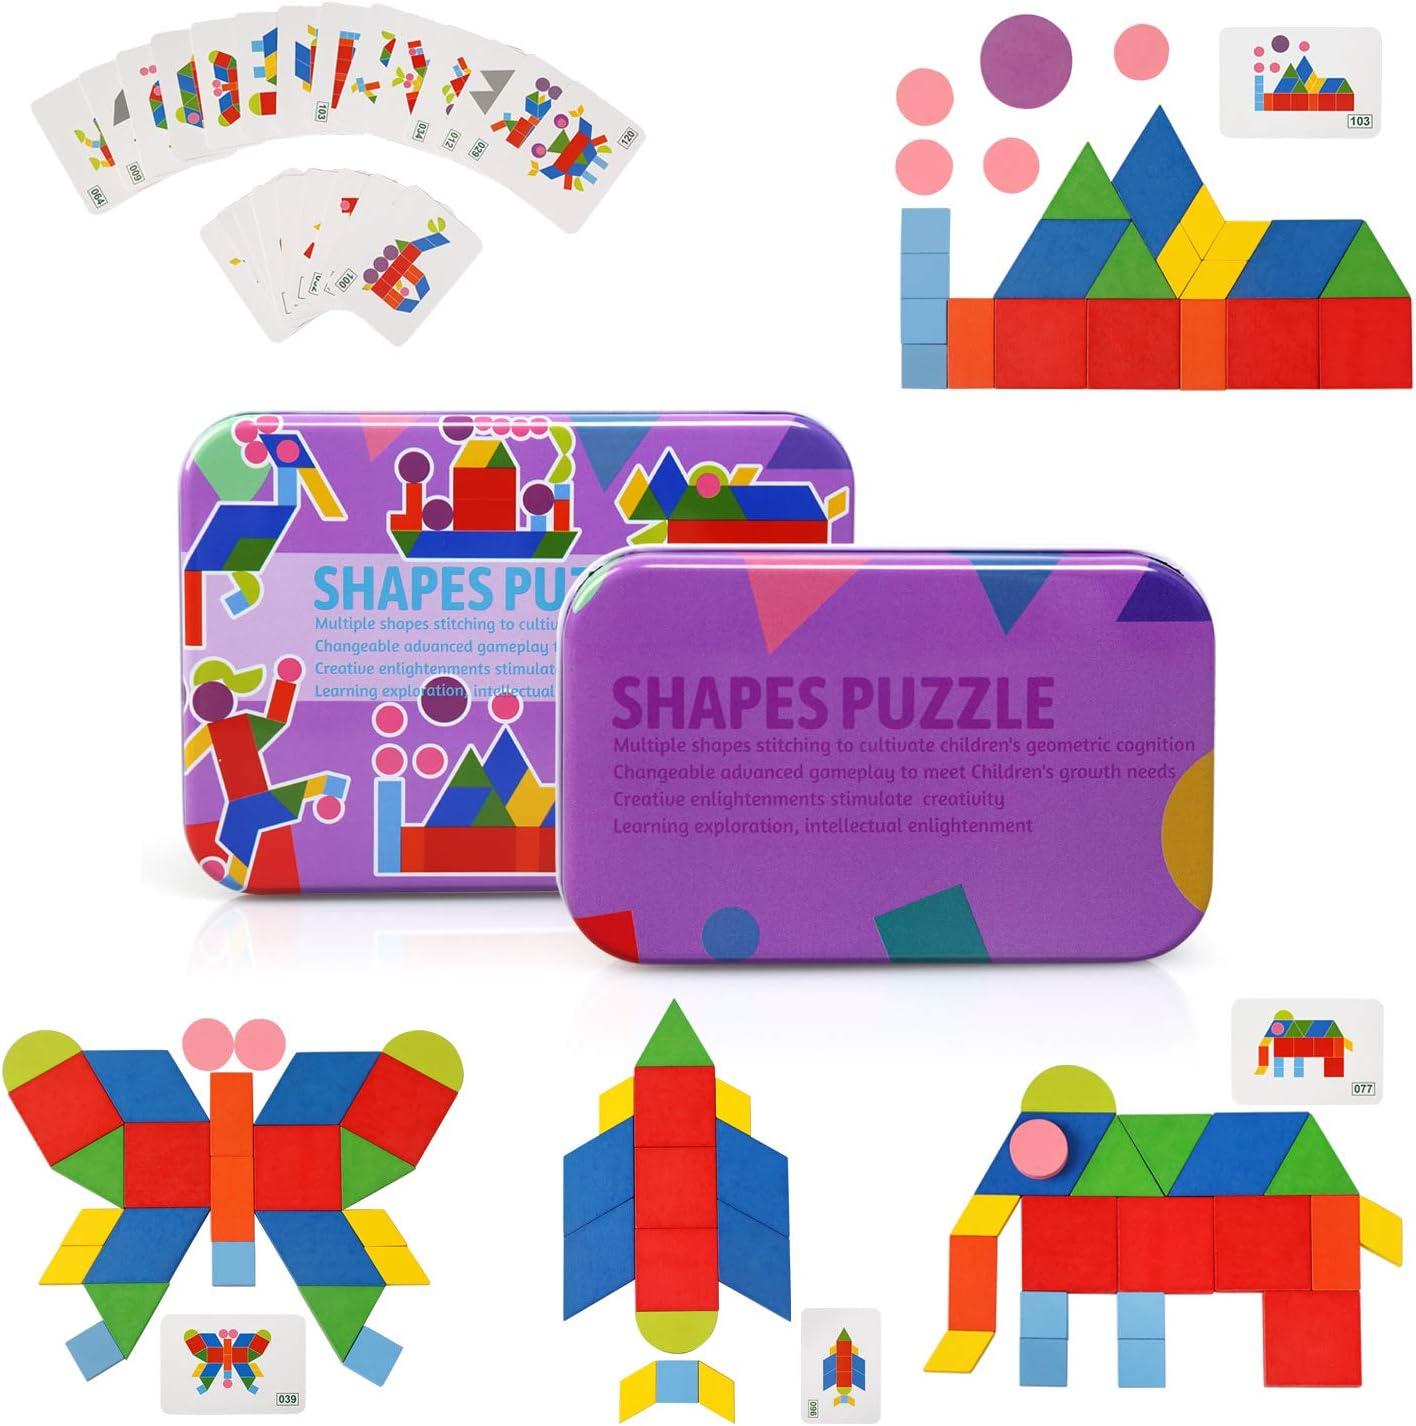 Ballery Tangrams Puzzles, Rompecabezas de Madera Bloques Shape Puzzle Set Animal Preescolar Montessori Juegos y Juguetes para Niños(34 Bloques de Madera + 60 Piezas Tarjetas de diseño)